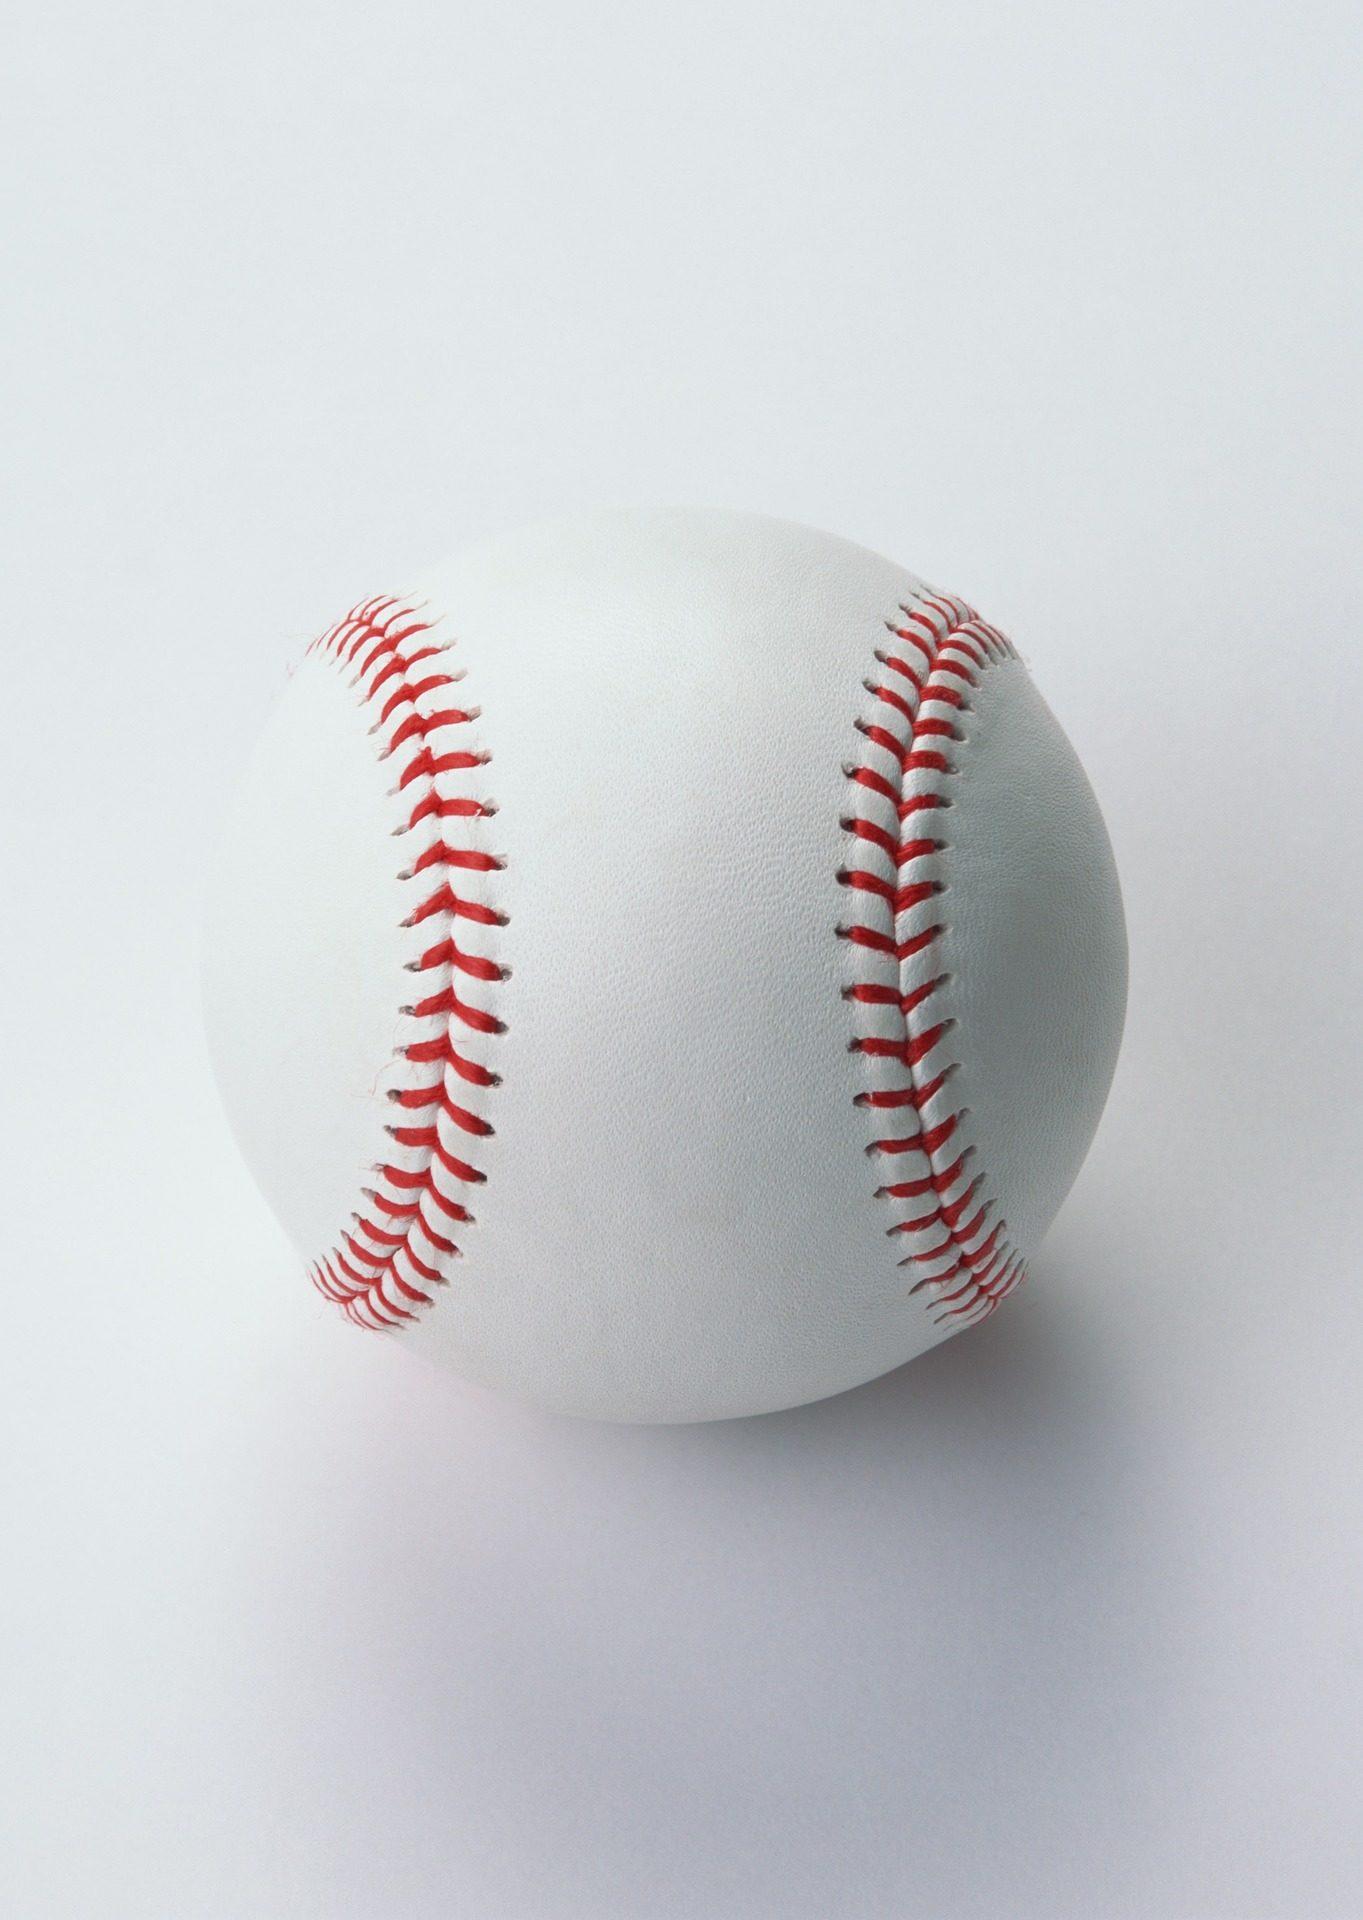 野球, pelota, ボール, ゲーム, 縫い目, 革 - HD の壁紙 - 教授-falken.com